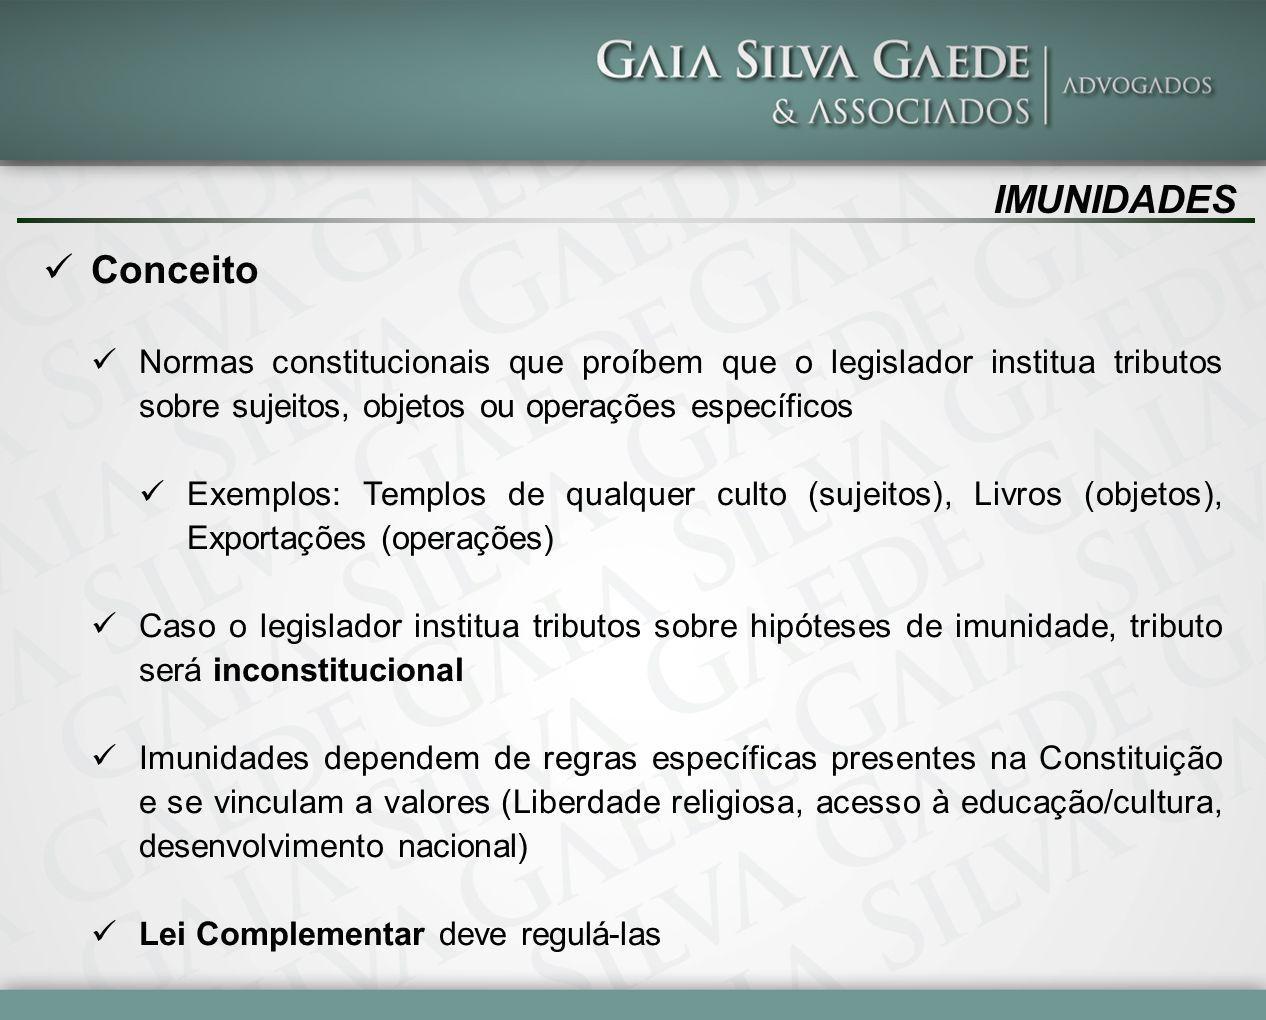 IMUNIDADES Conceito. Normas constitucionais que proíbem que o legislador institua tributos sobre sujeitos, objetos ou operações específicos.